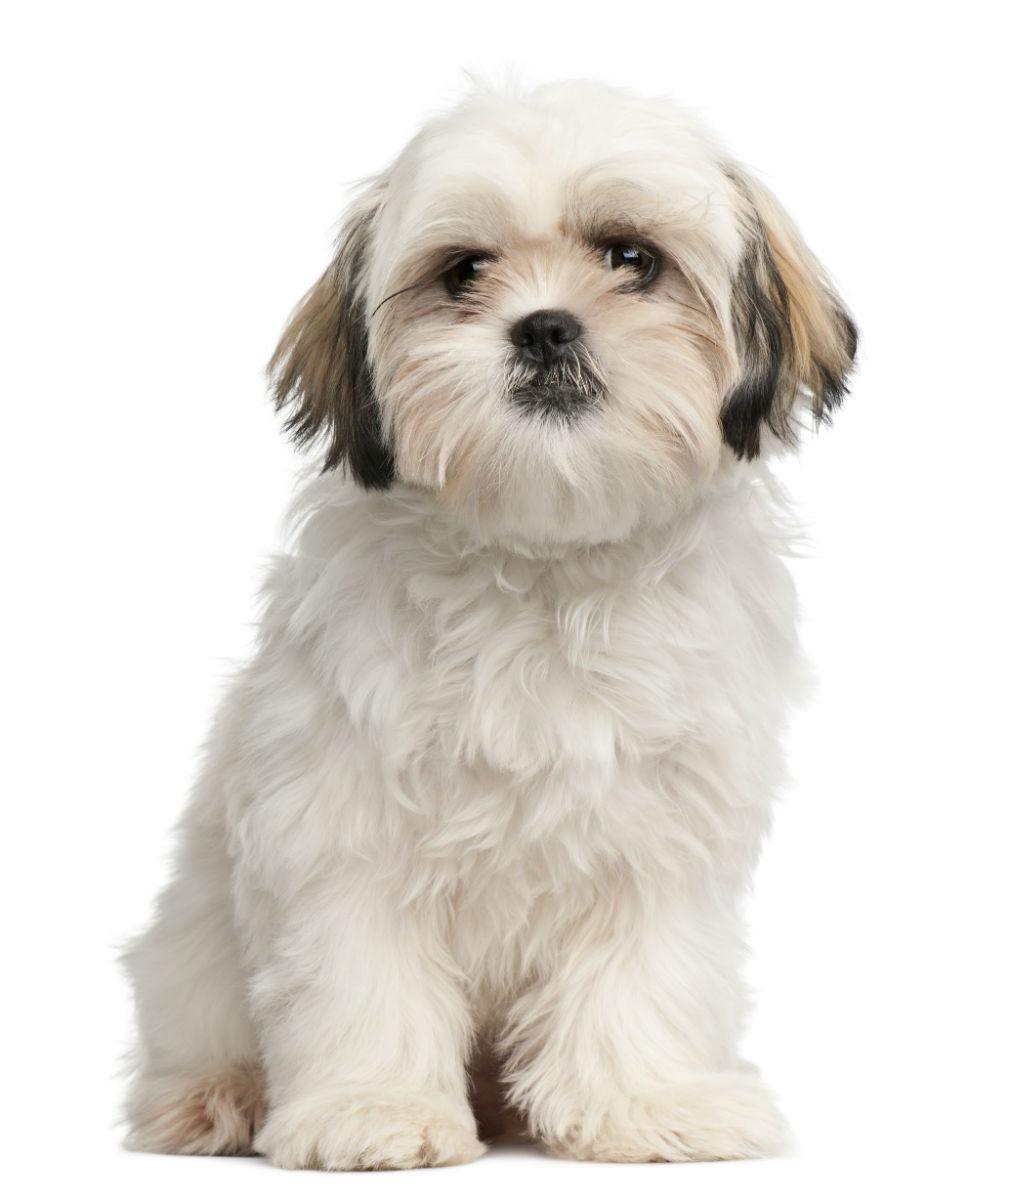 Cachorros de pequeno porte: Poodle Toy filhote branco e castanho.